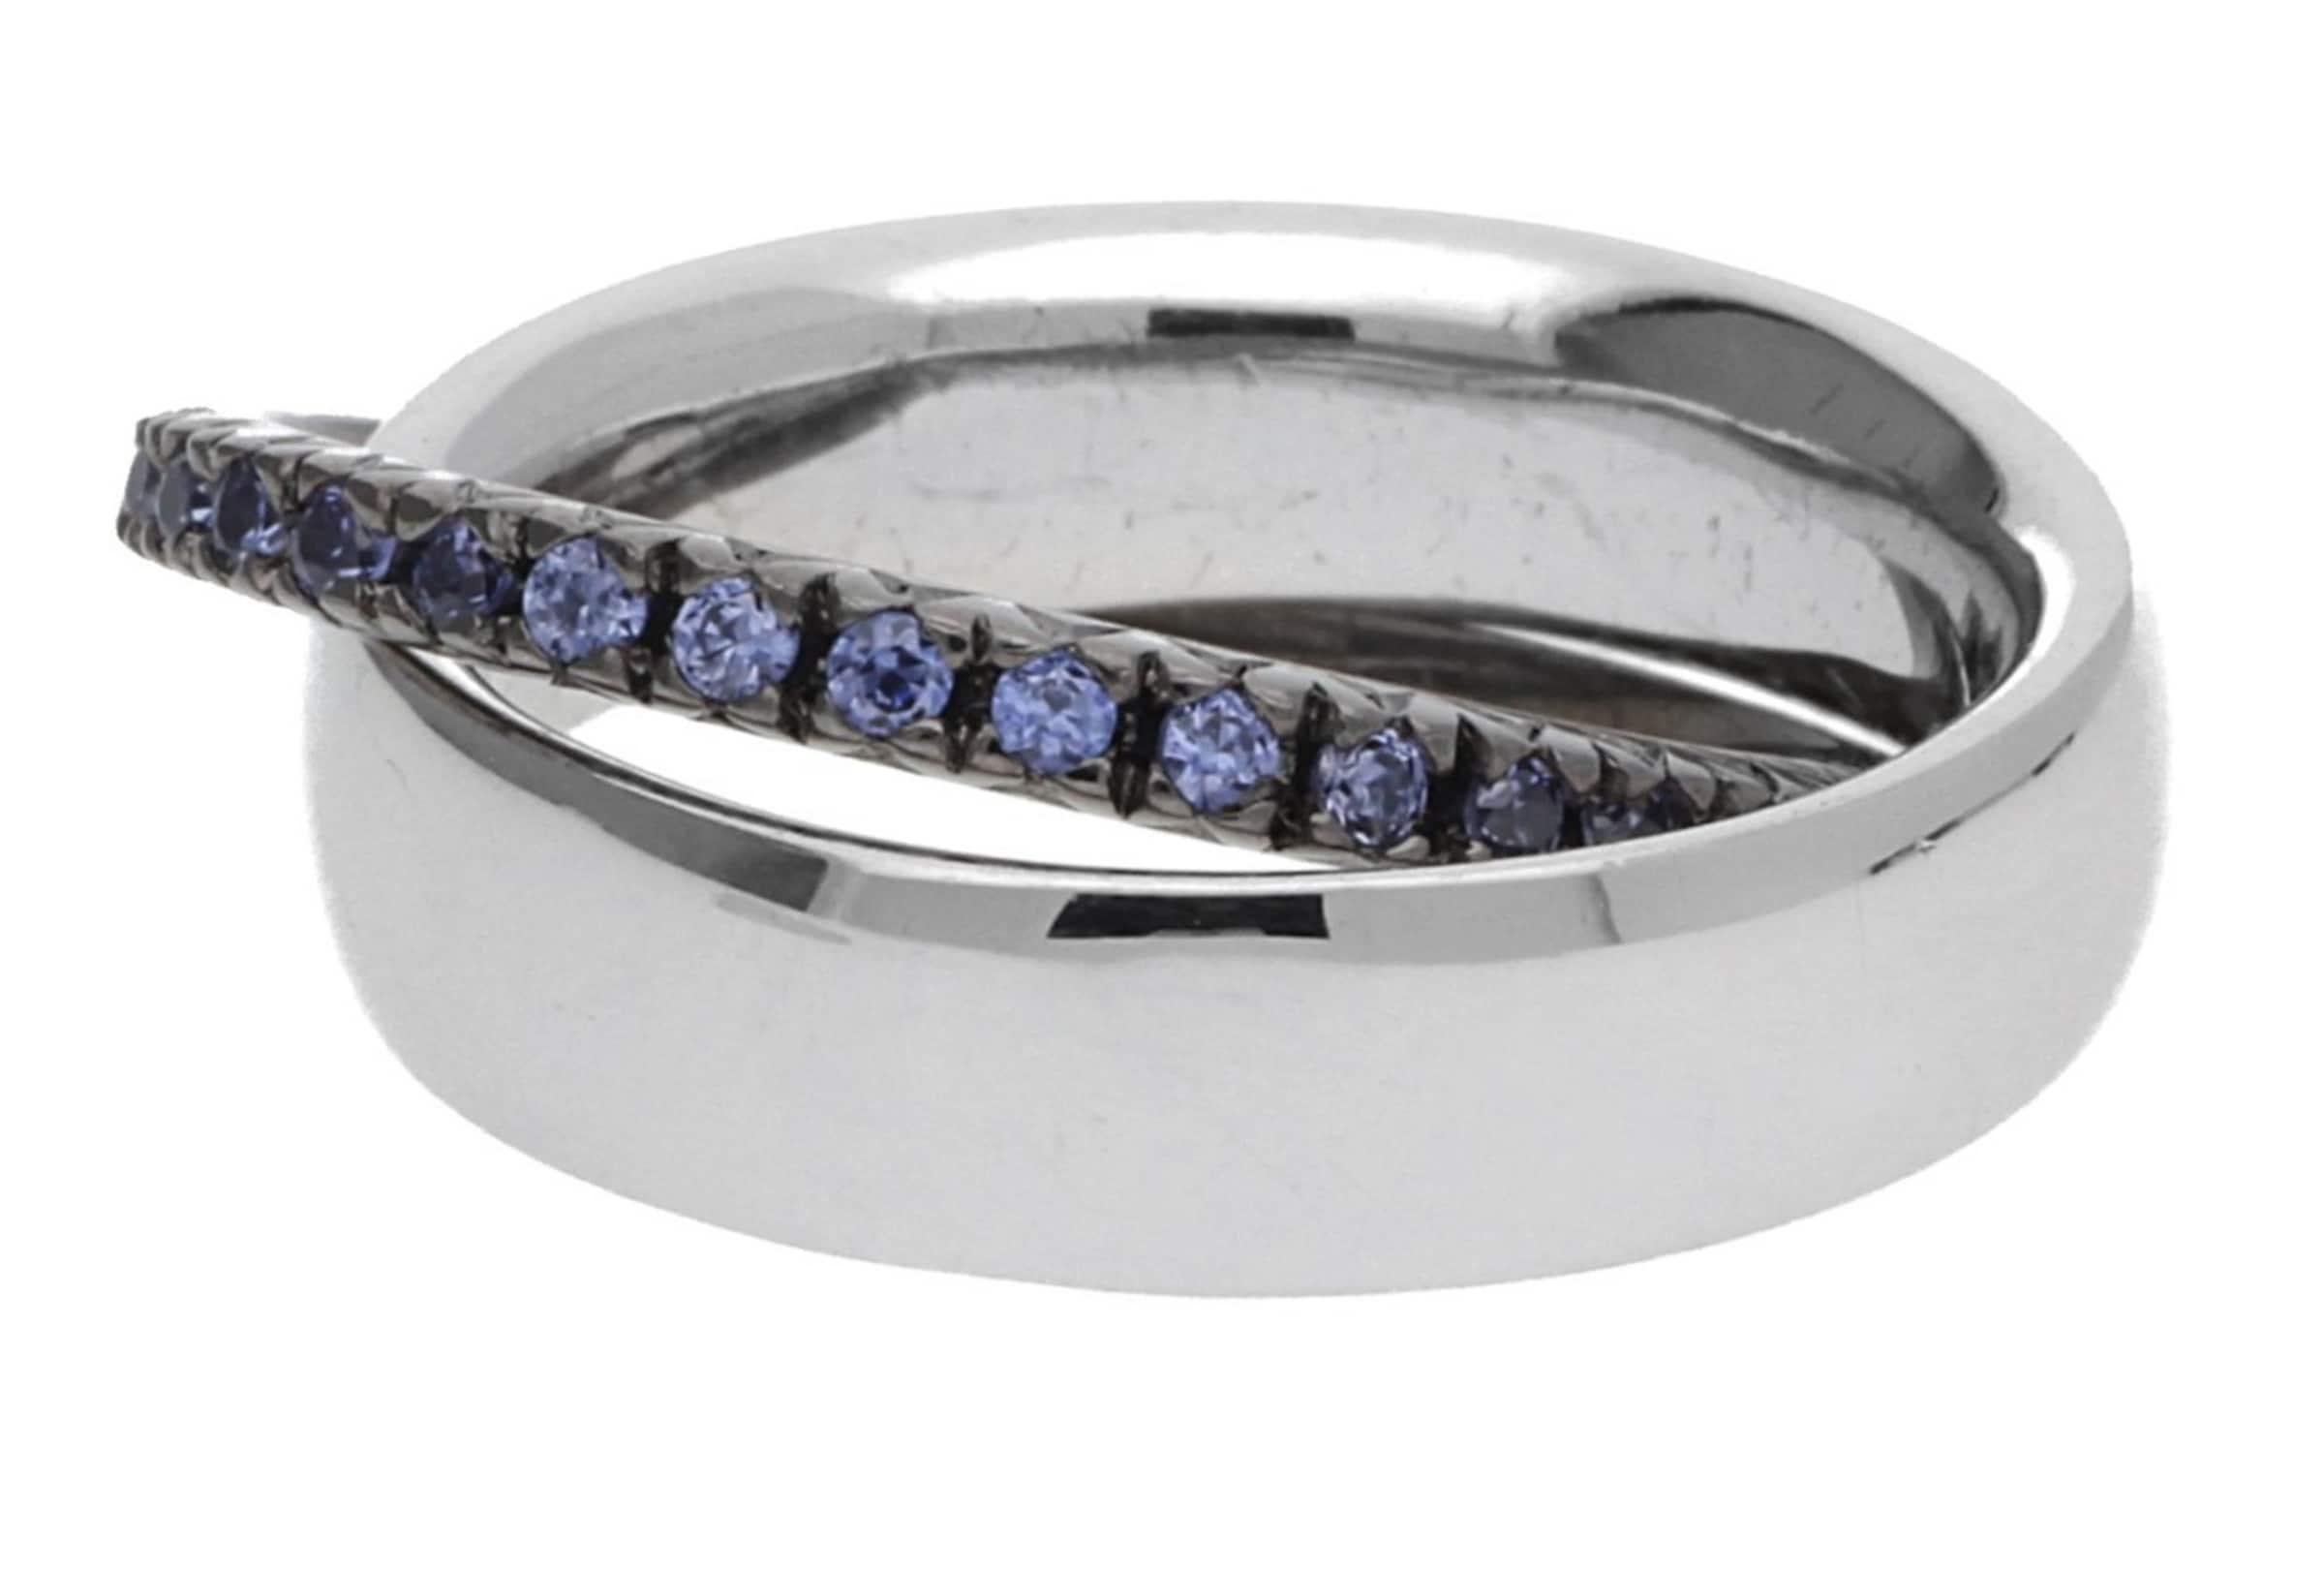 Billig Verkauf Für Billig ESPRIT Damen 2 teiliger Fingerring 925 Silber Silber/Blau Pellet Heart ESRG91774A Billig Zu Verkaufen Verkauf Genießen s3Rr9Vp5Q6